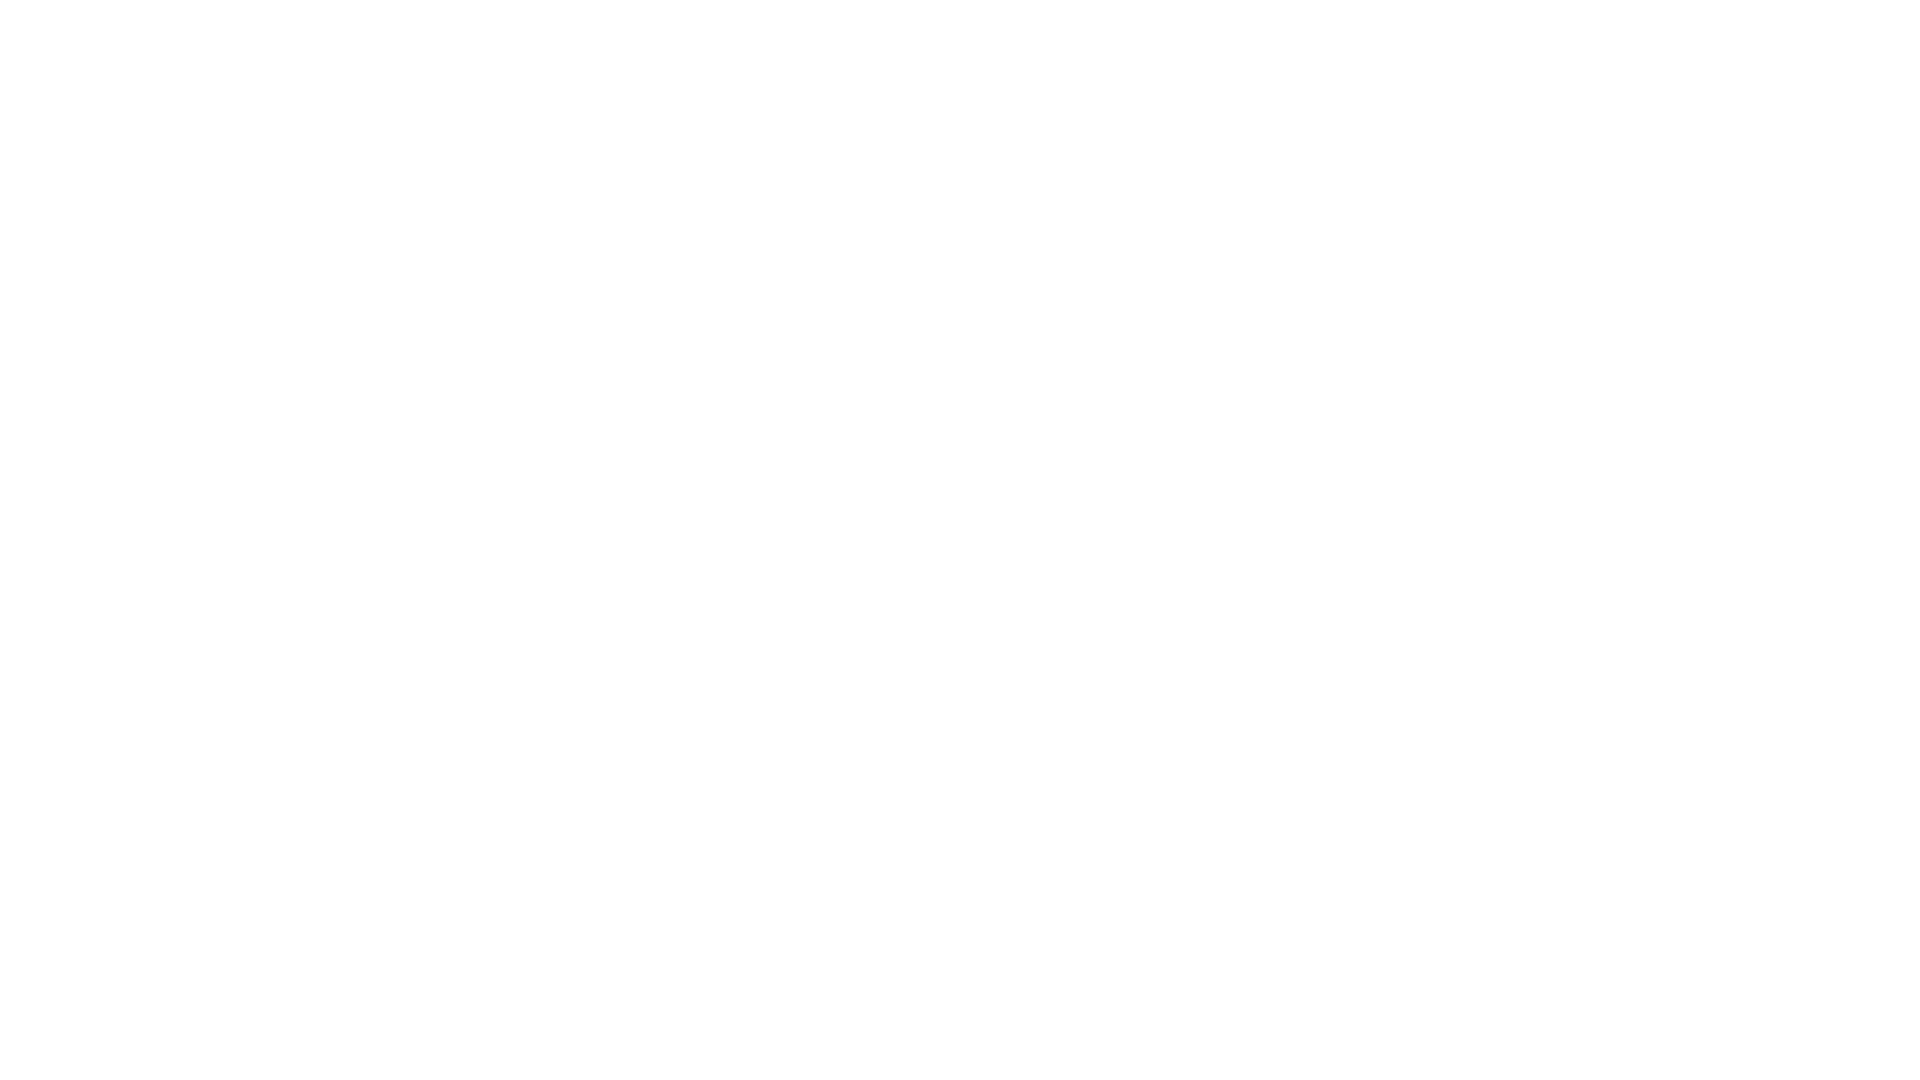 ※100個限定販売 至高下半身盗撮 プレミアム Vol.19 ハイビジョン 盗撮エロすぎ | OL  82連発 11